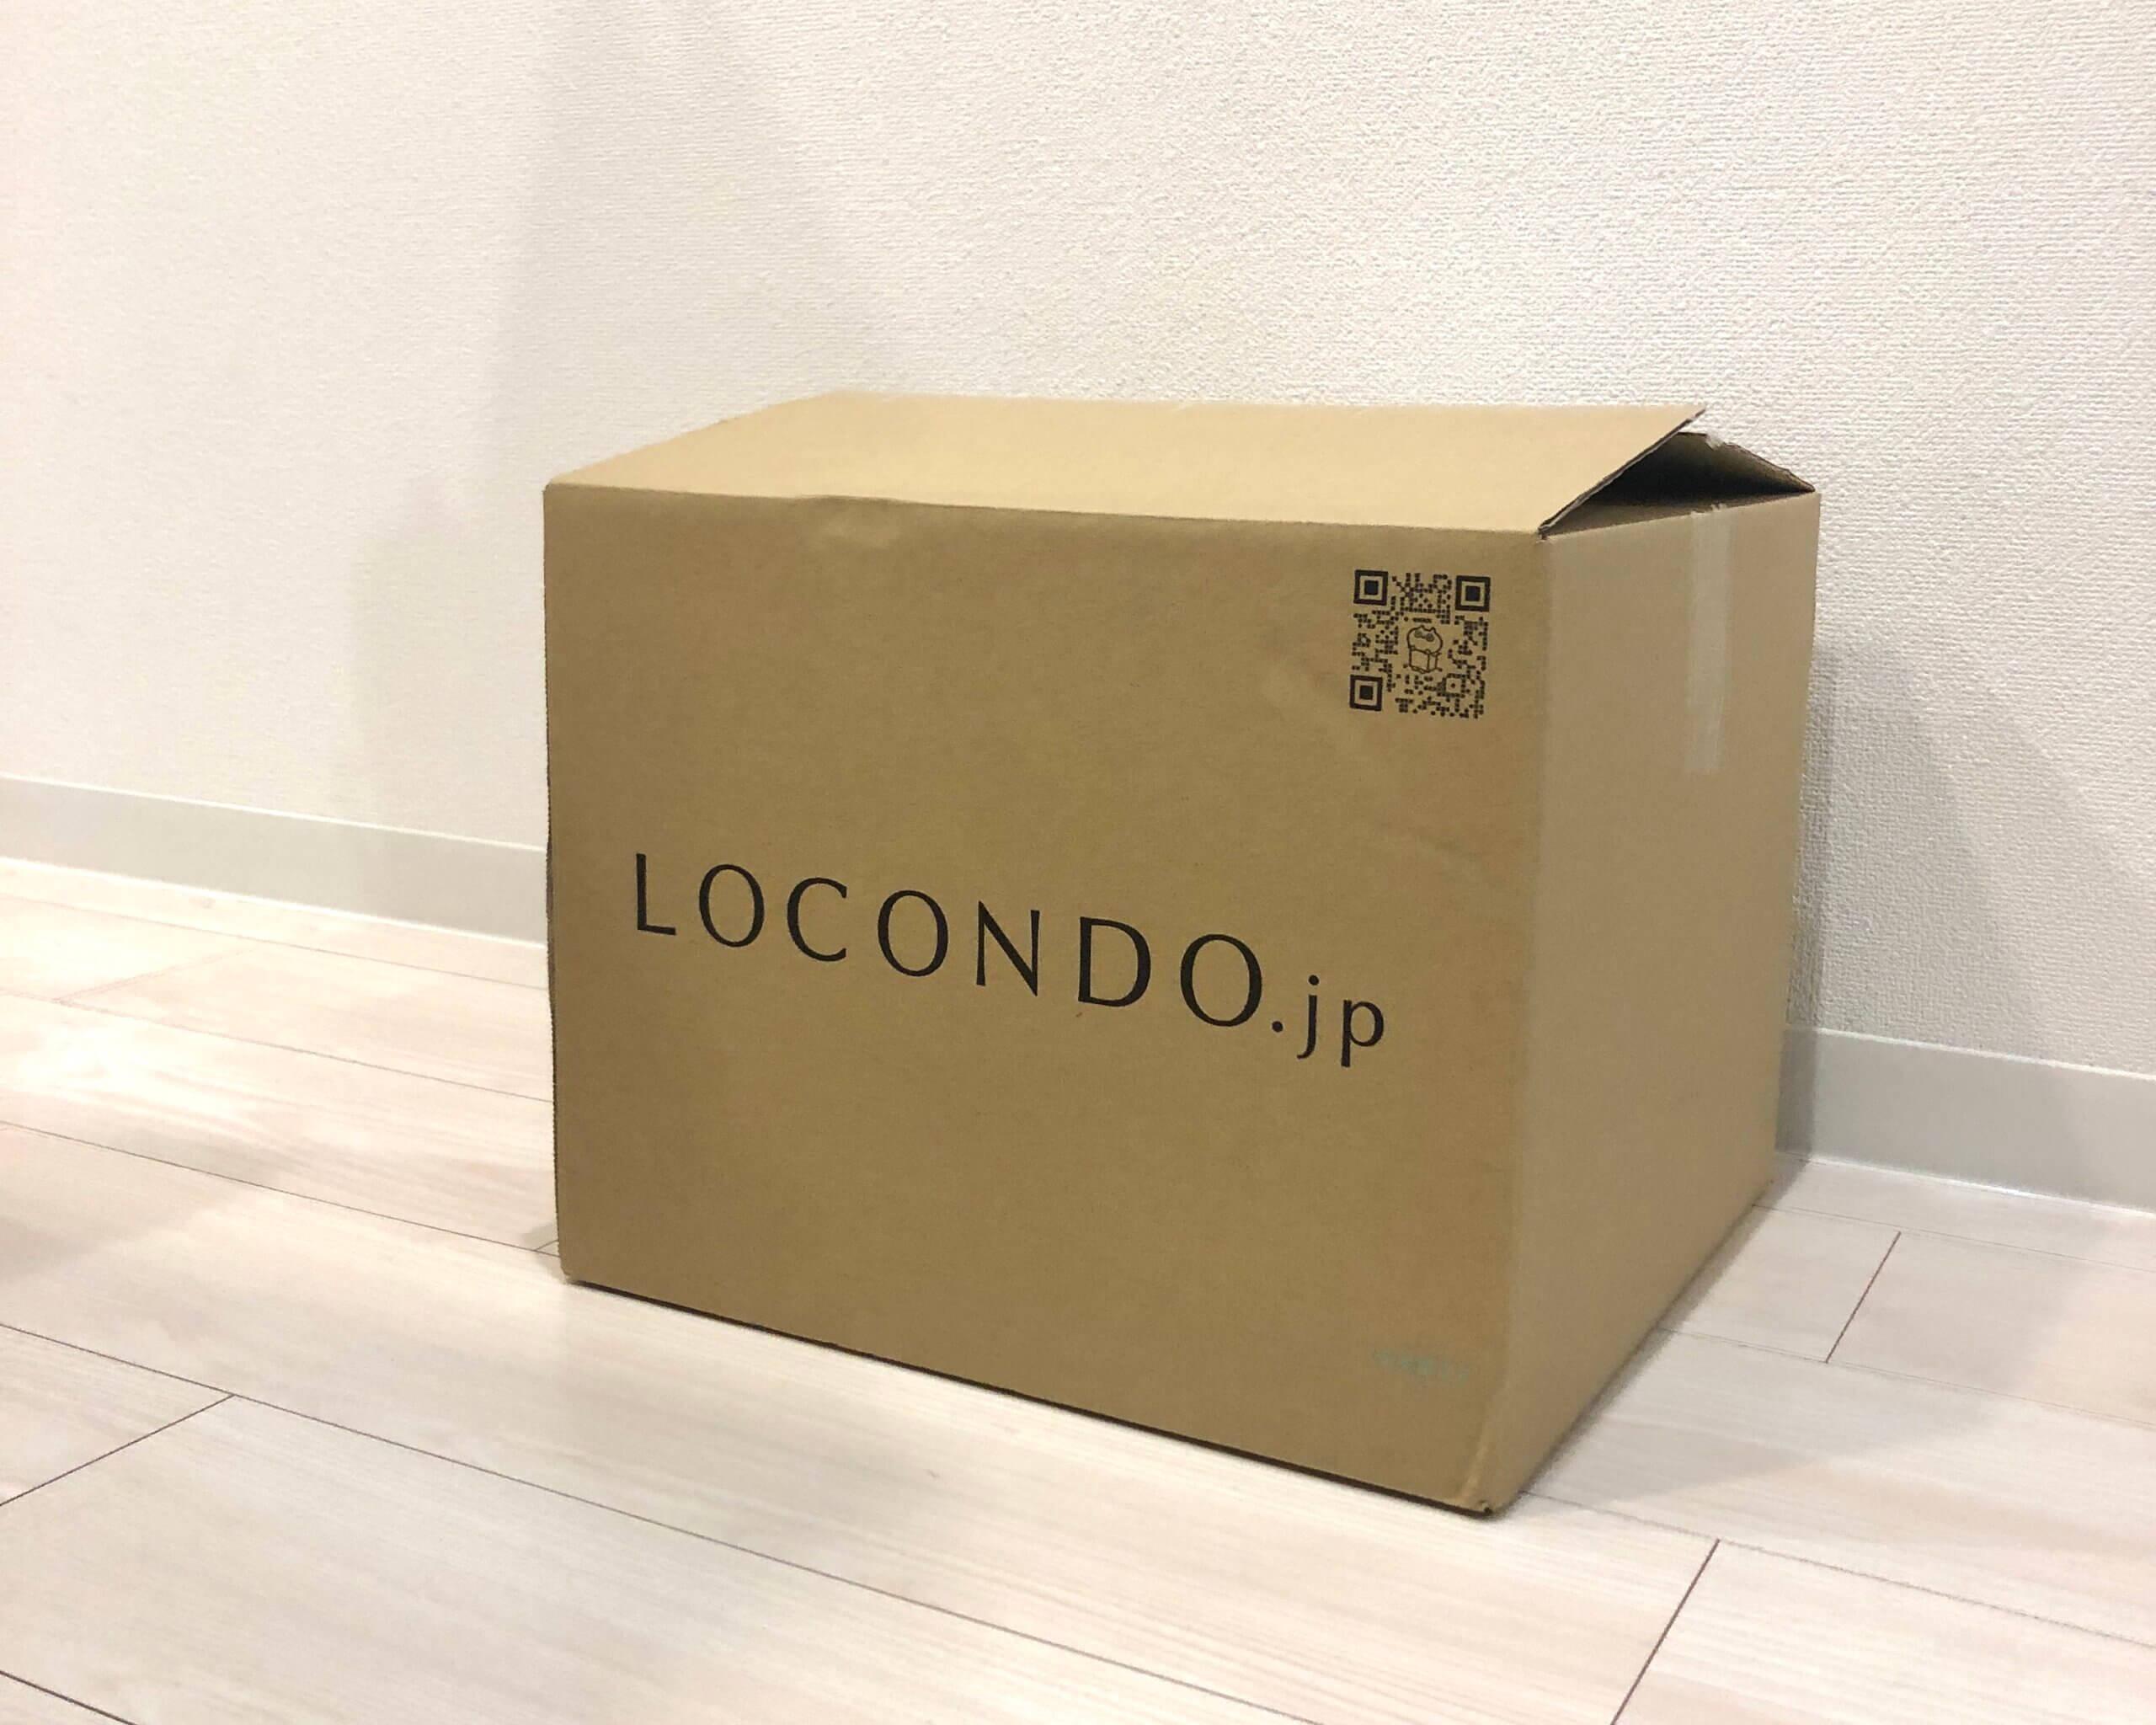 ロコンド 箱